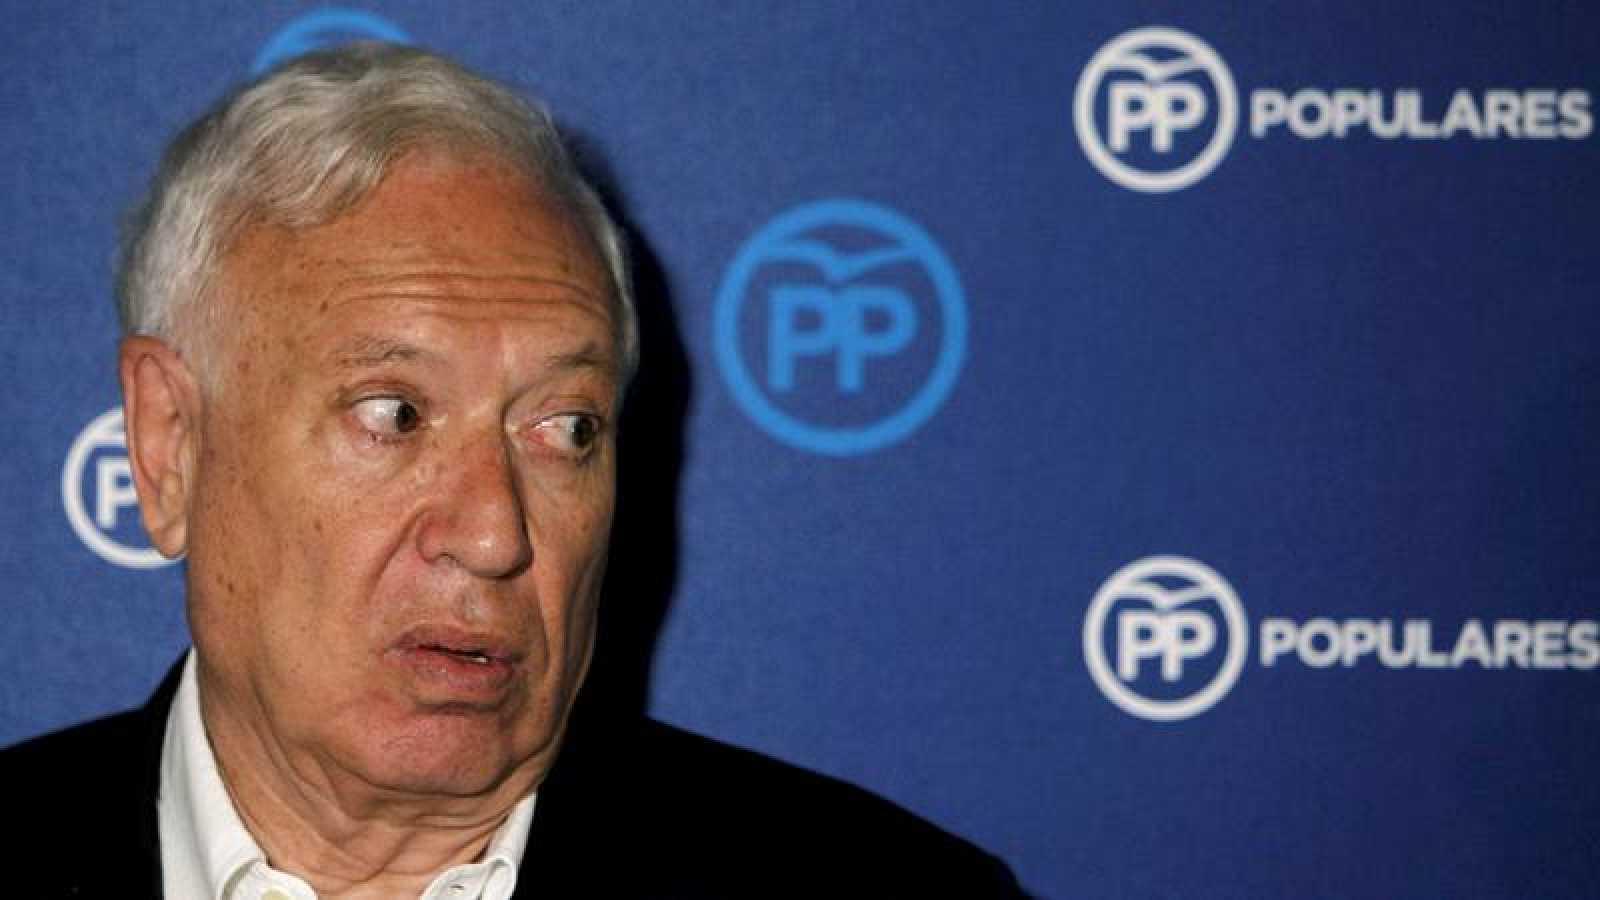 El candidato a la presidencia del PP José Manuel García Margallo atiende a los medios